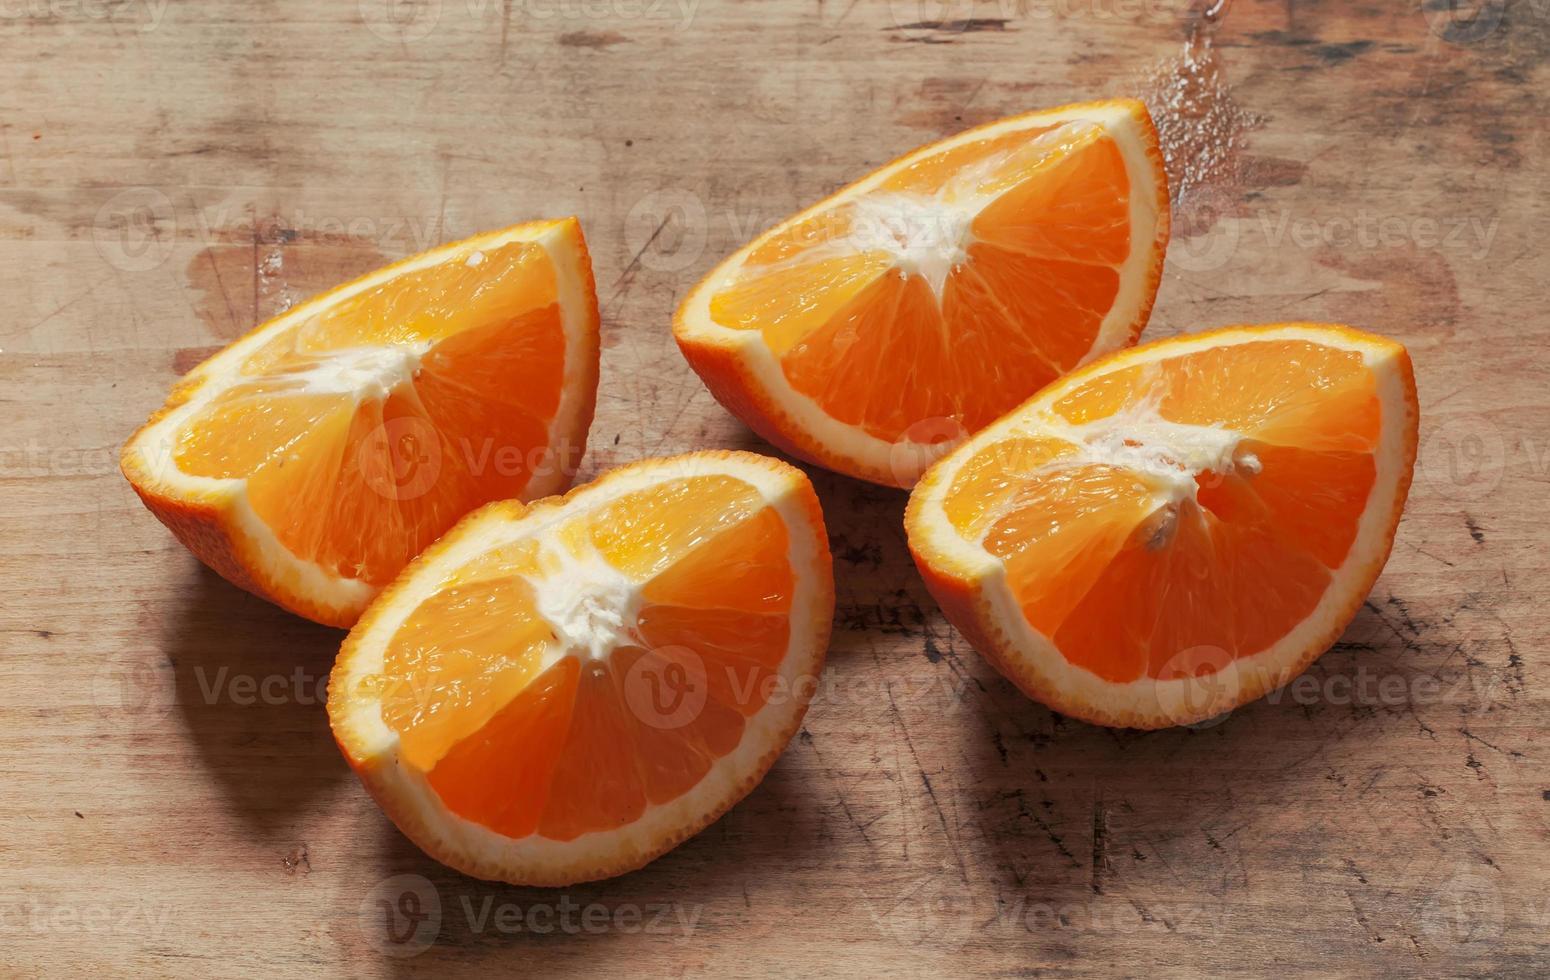 laranja em uma placa de madeira foto